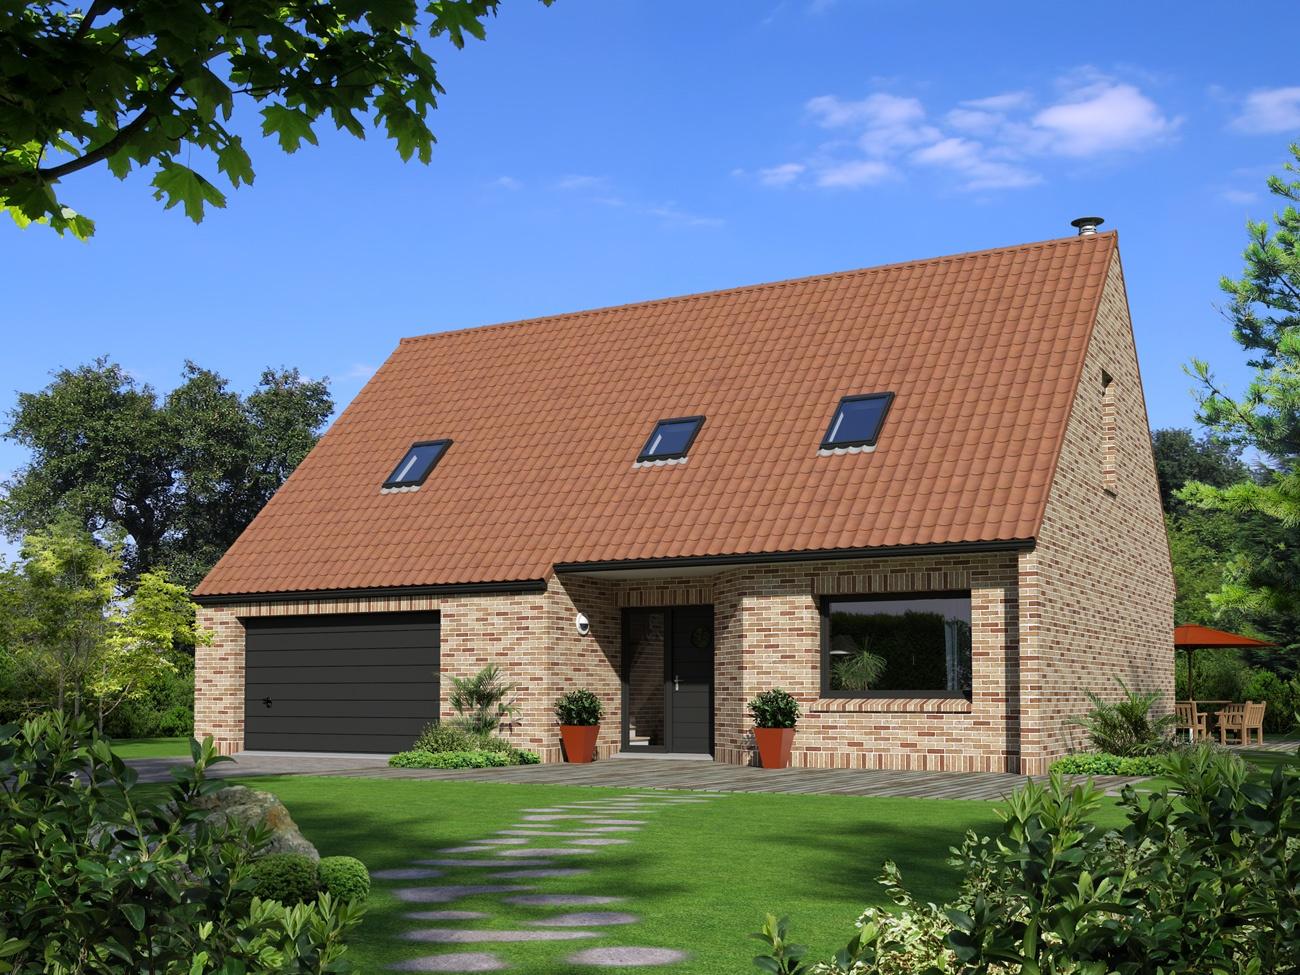 Maisons + Terrains du constructeur Maison Familiale Mazingarbe • 120 m² • DUISANS